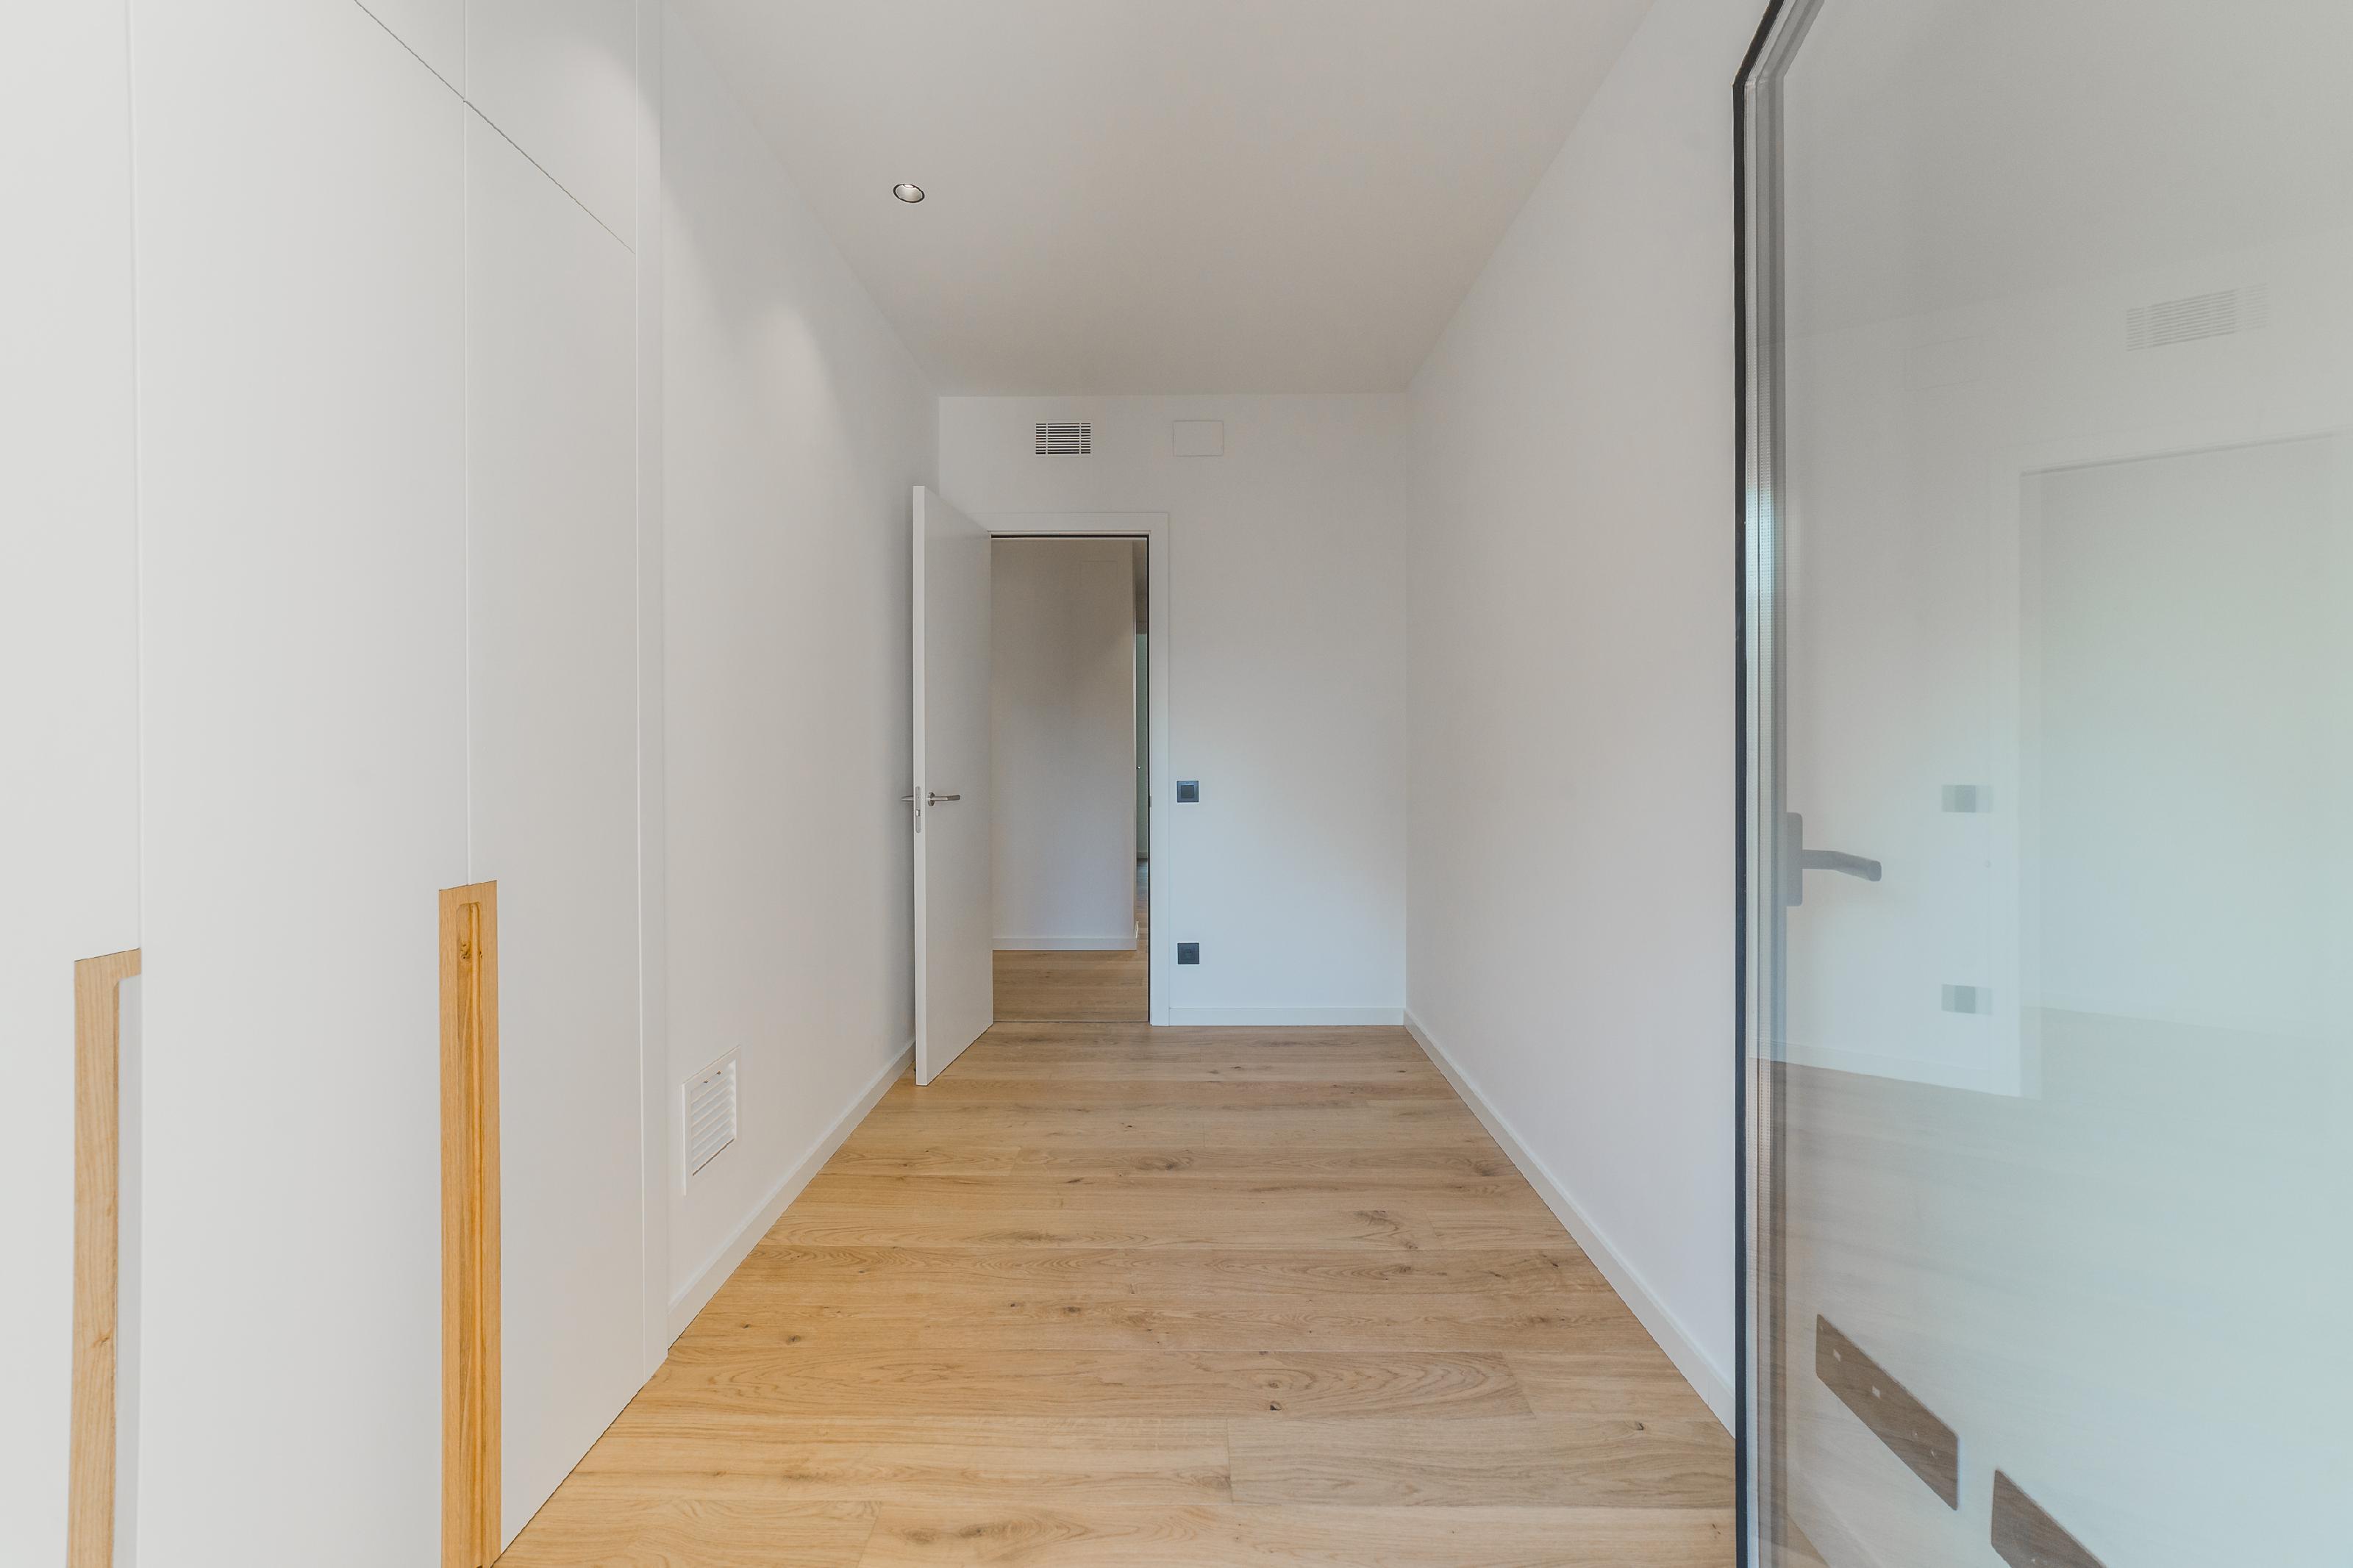 251949 Apartment for sale in Eixample, Antiga Esquerre Eixample 23